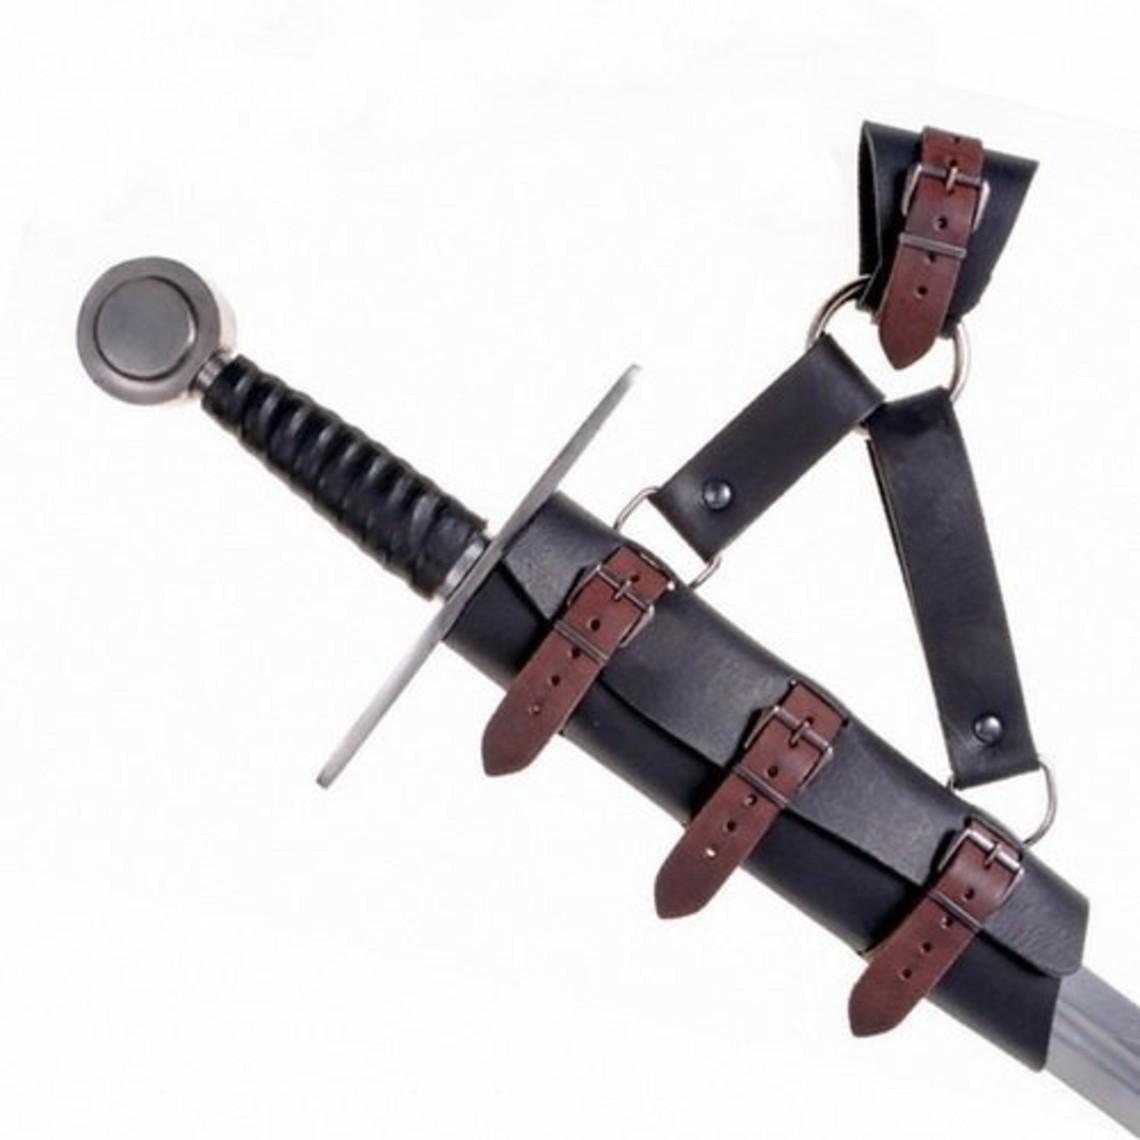 Supporto spada di lusso per le spade GRV, marrone